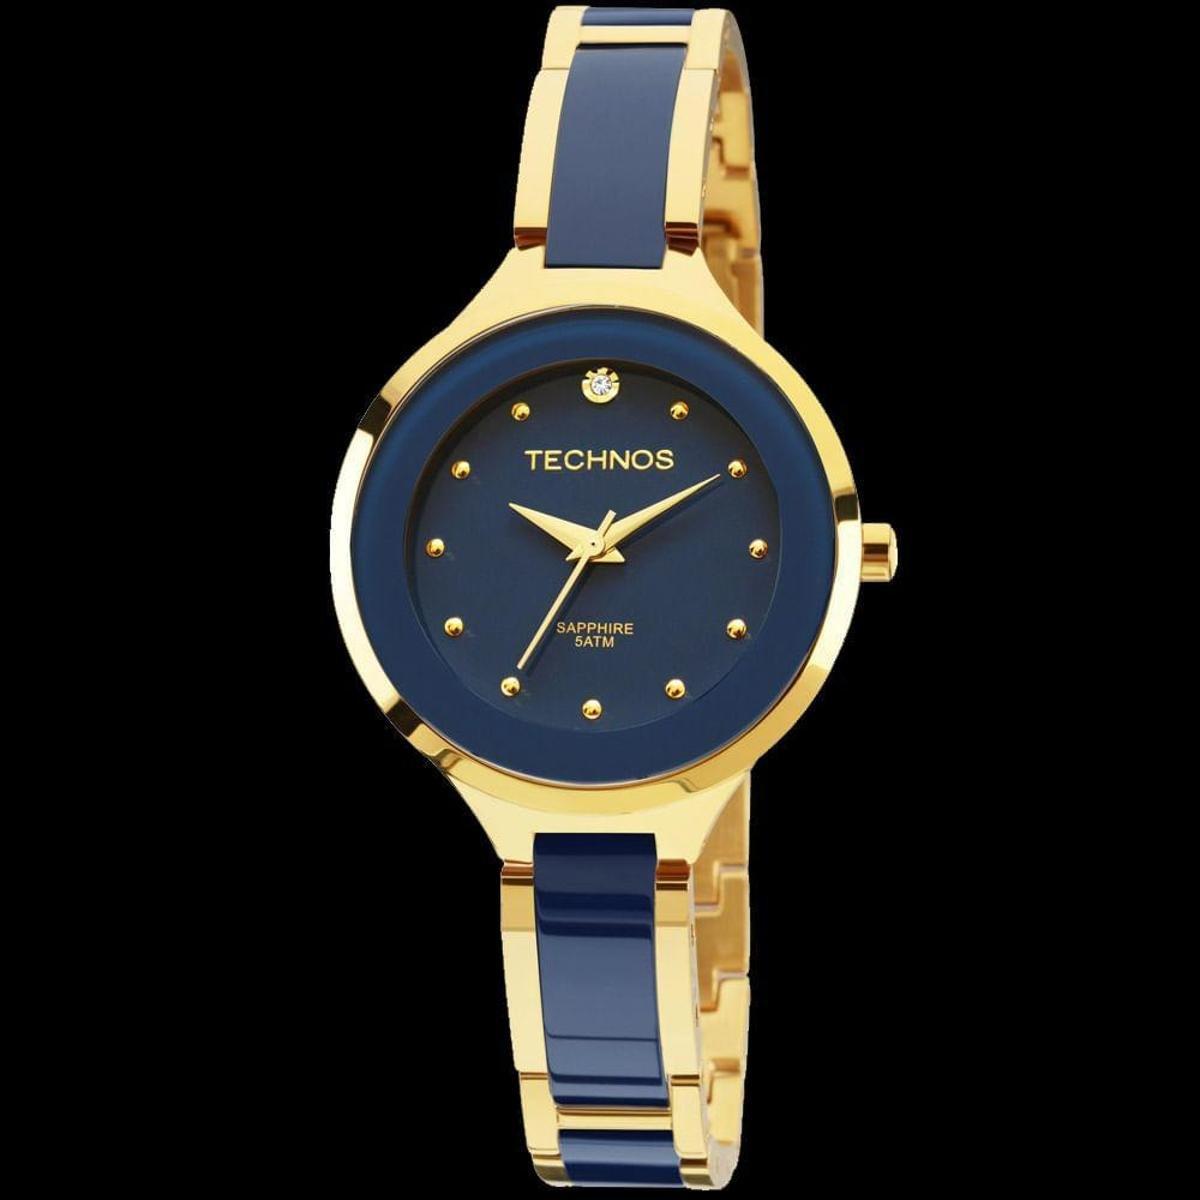 ... Relógio Technos Ceramic Feminino Analógico - 2035LYV 4A 2035LYV 4A ... f827a70b7b